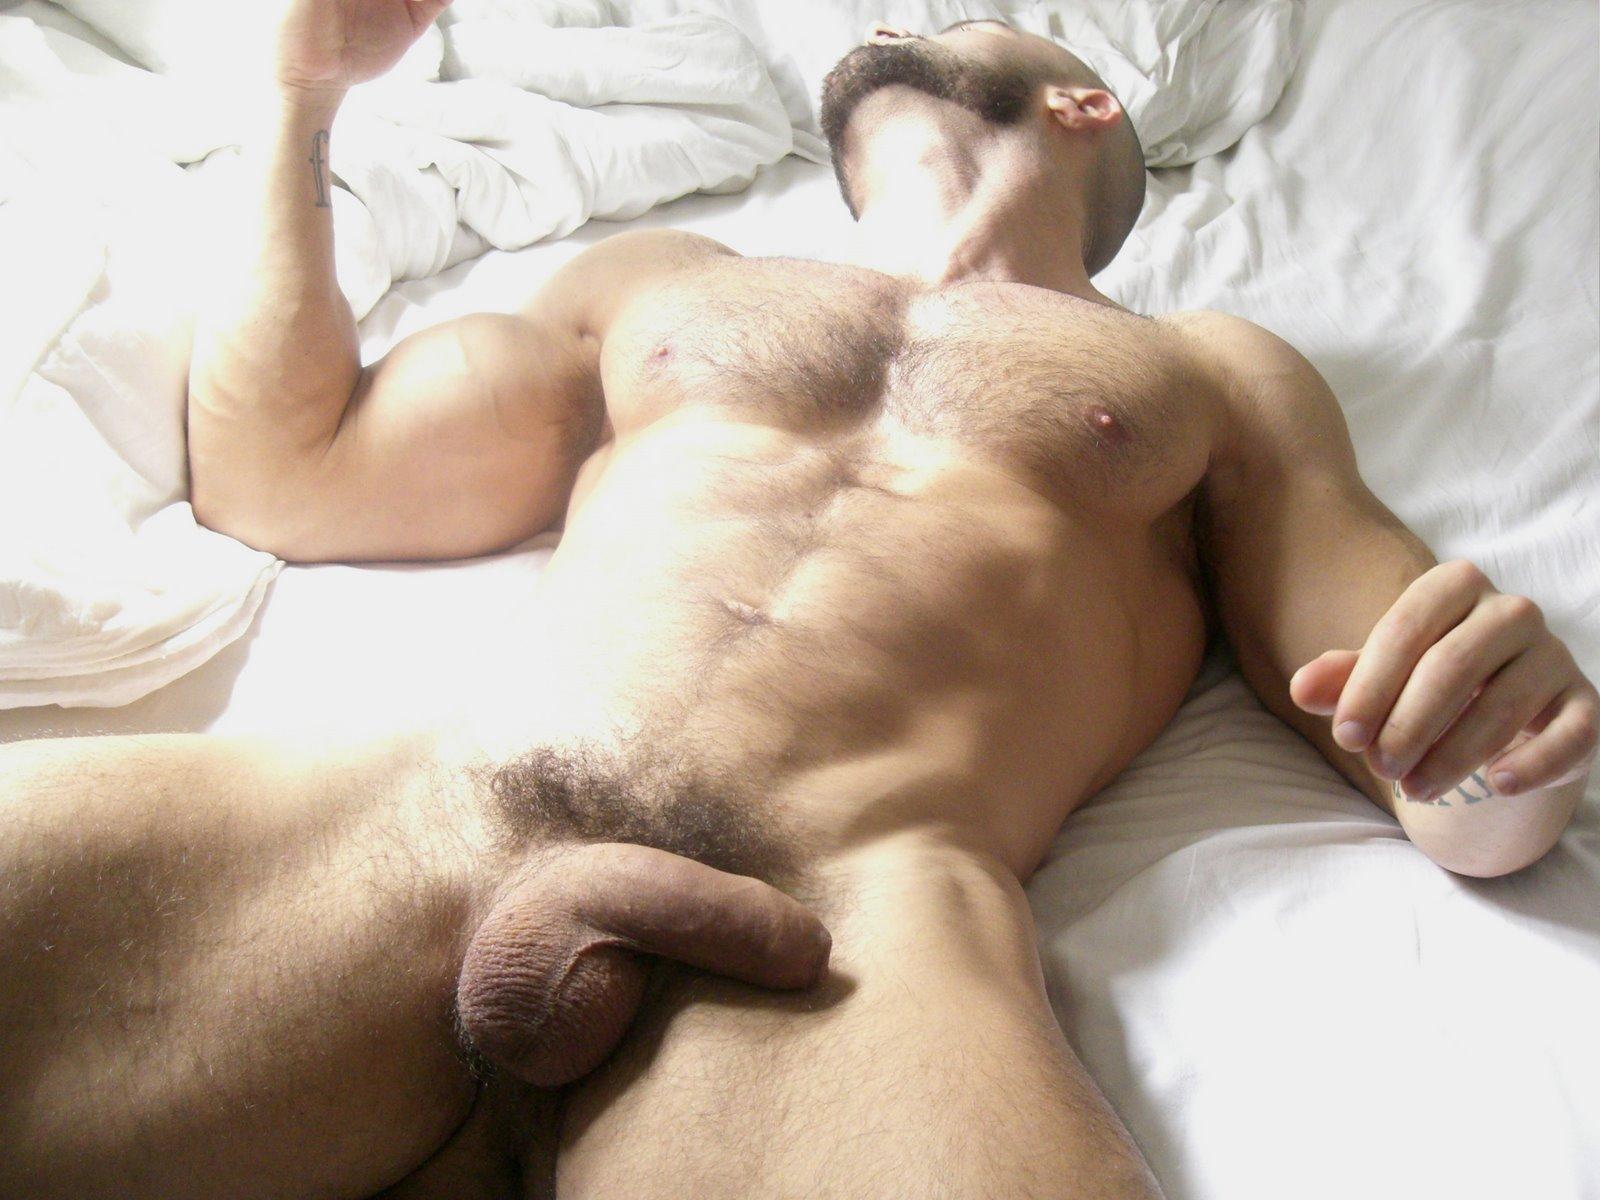 Гей Порно Члены Спящих